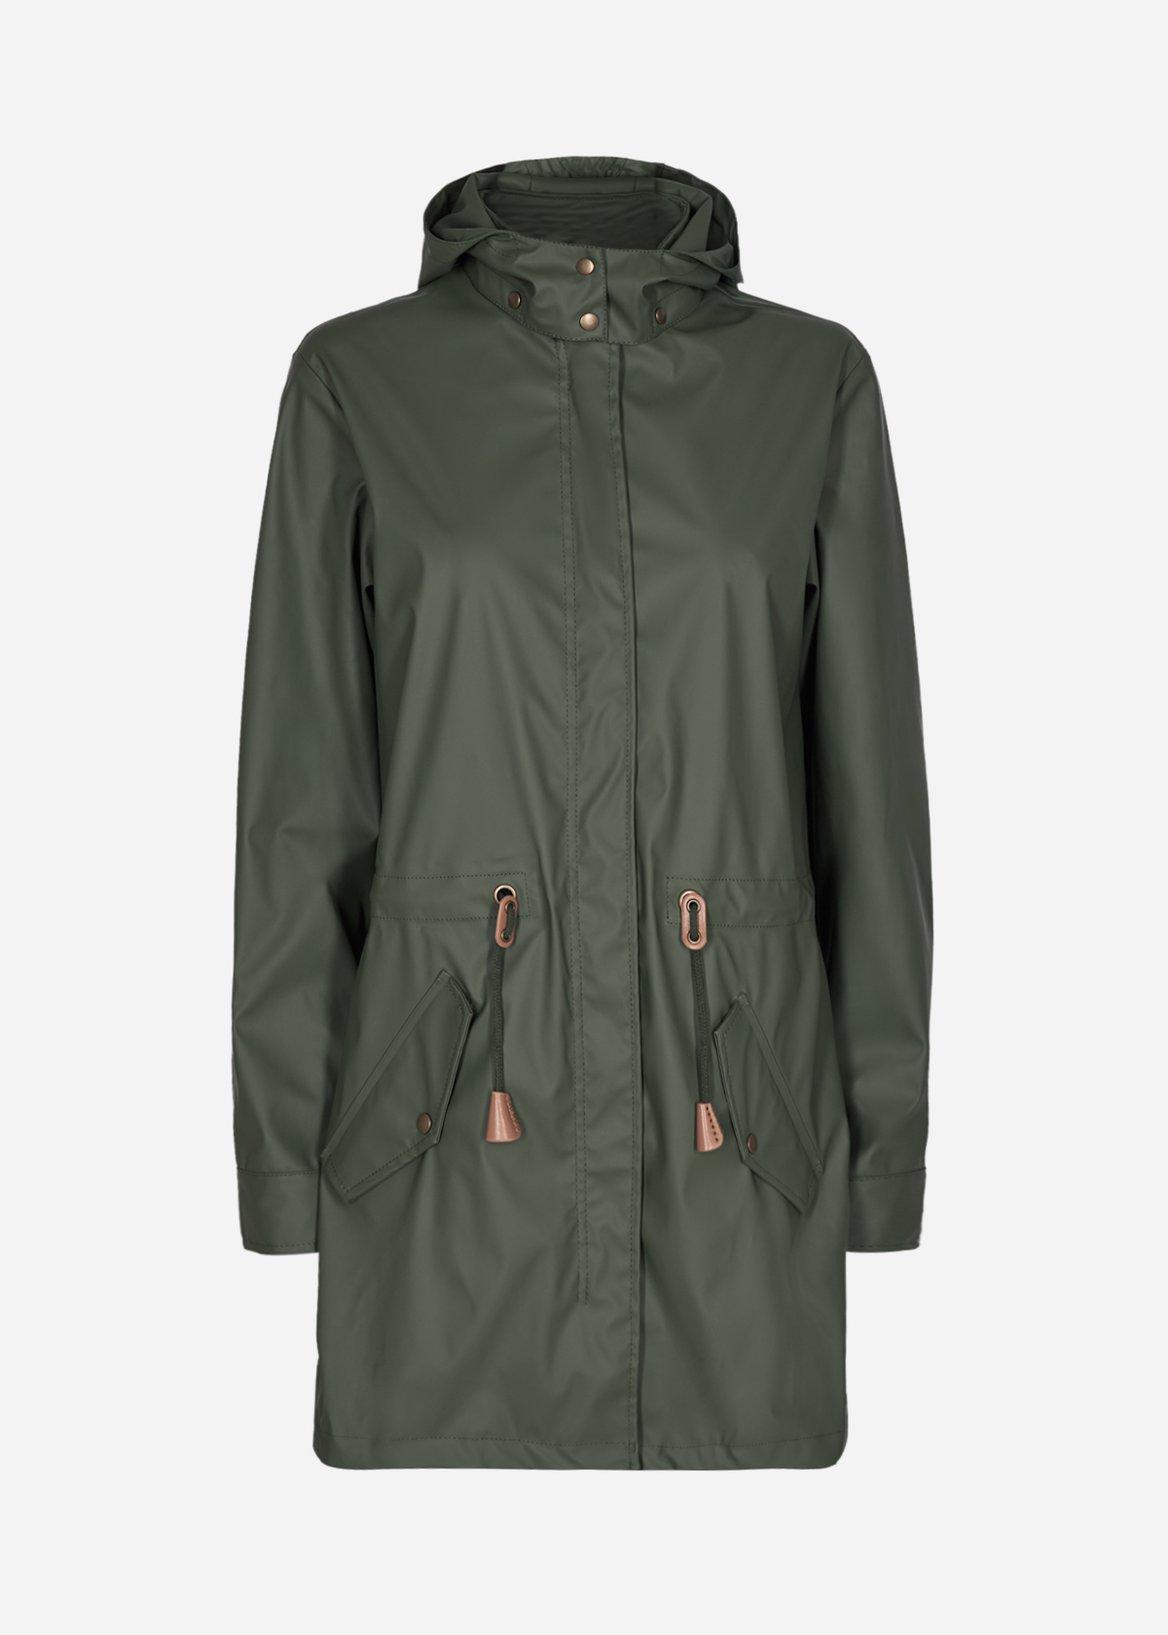 soyaconcept_16366_sc-alexa_1_7870_jacket